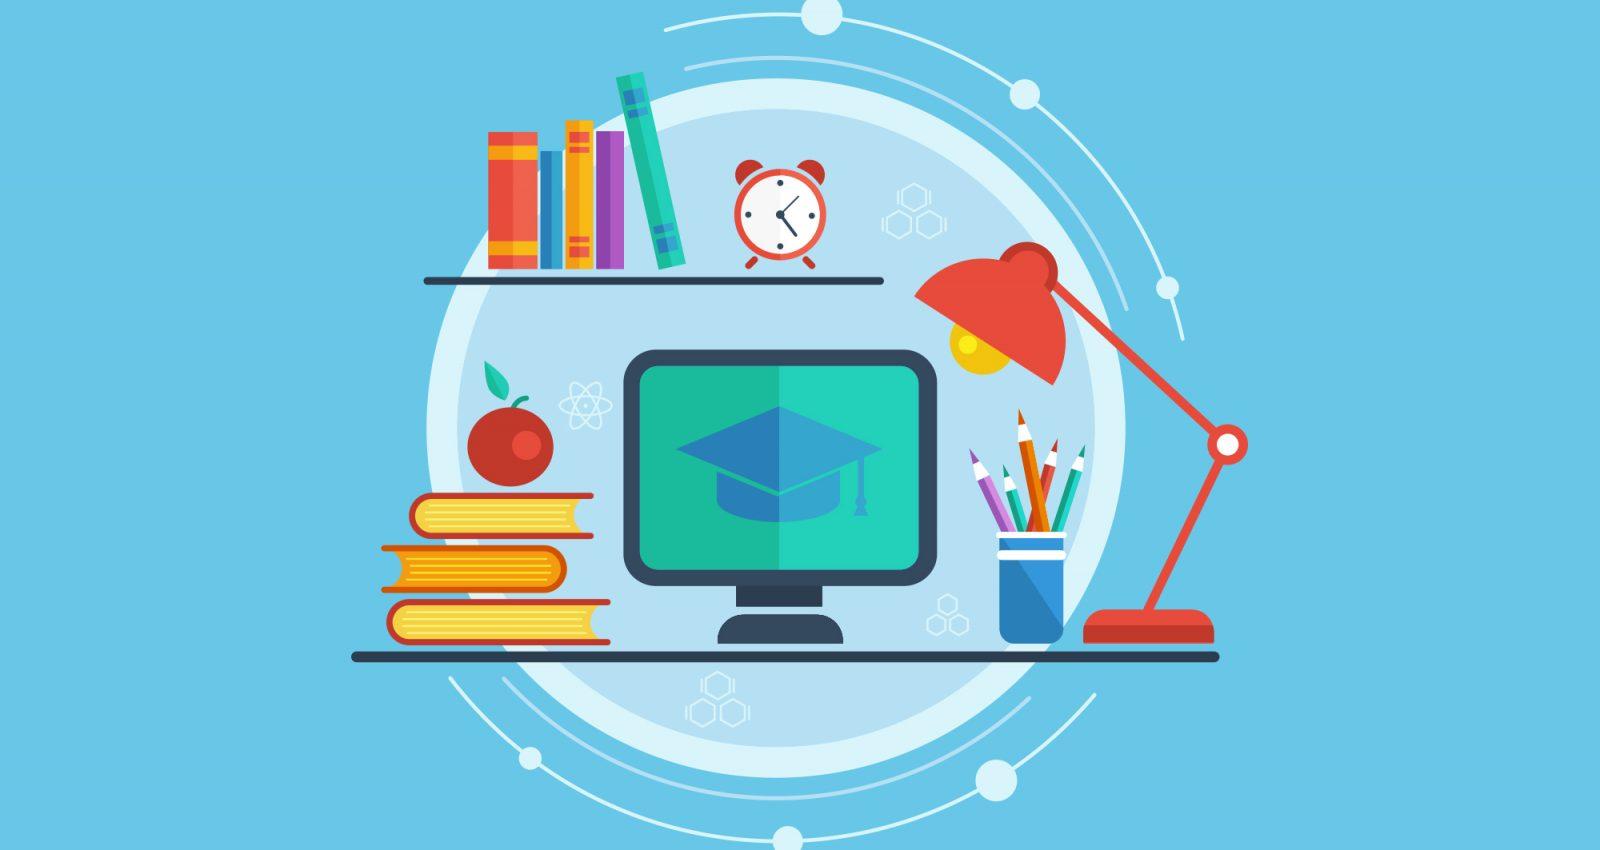 آیین نامه ارزشیابی پیشرفت تحصیلی و تربیتی دوره ابتدایی